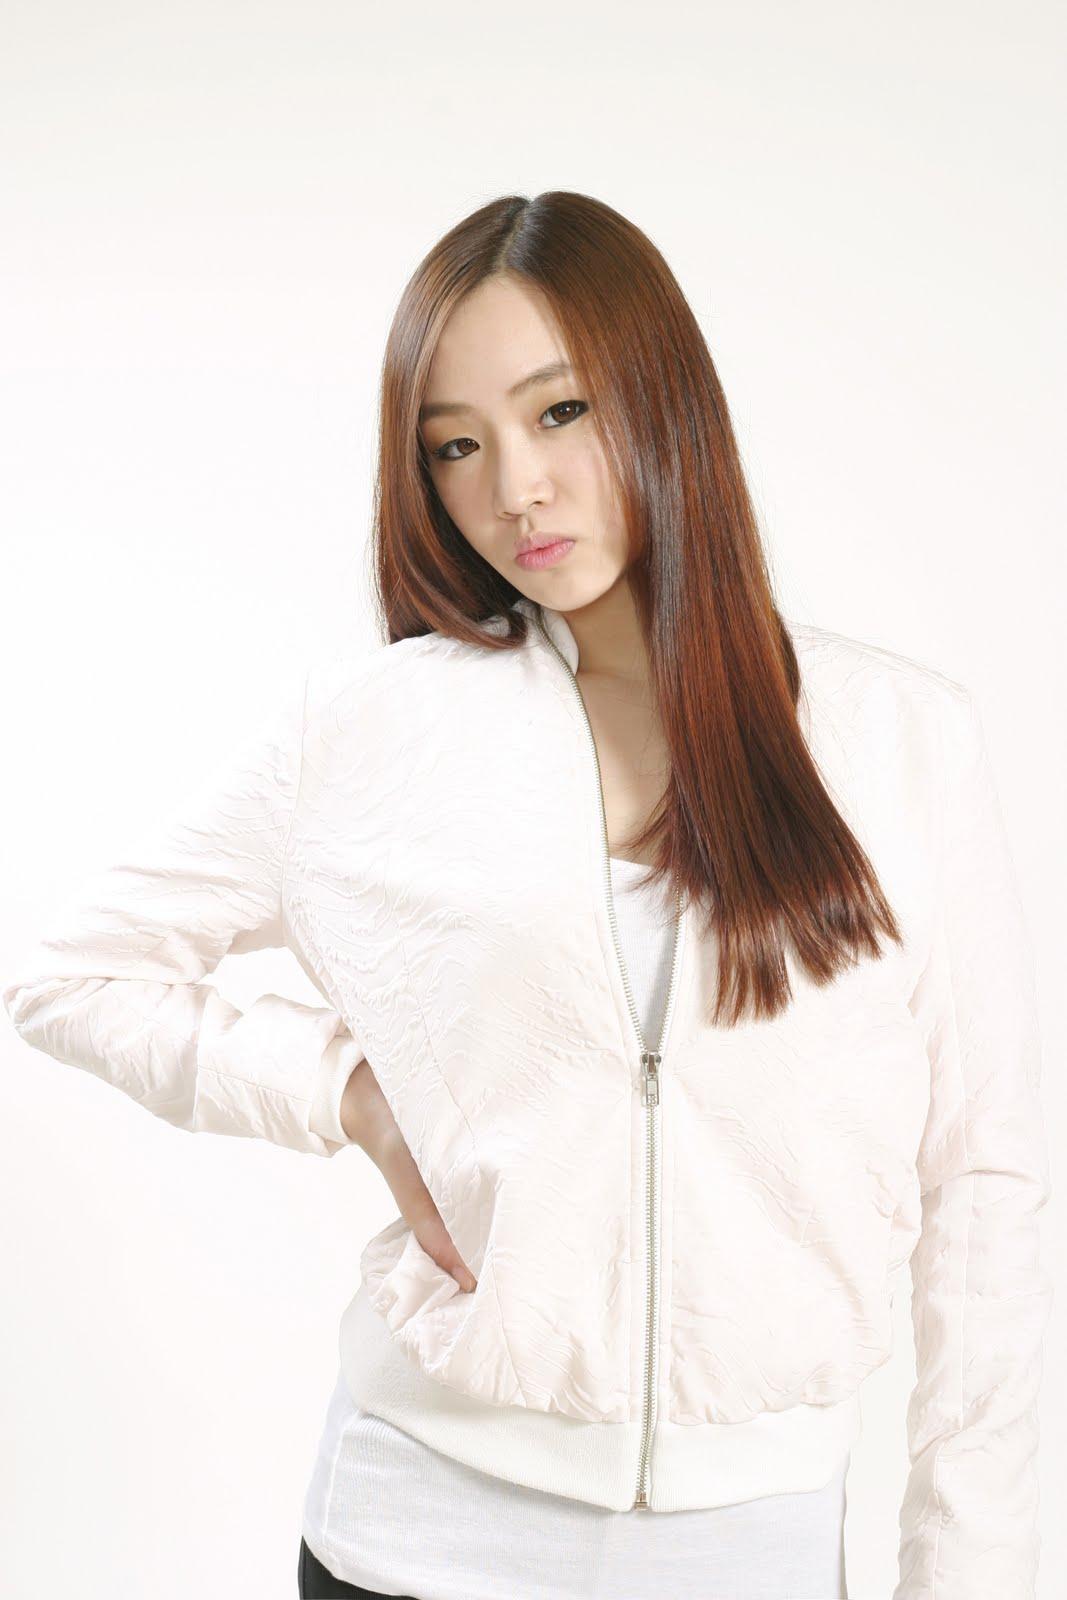 Jung Eun A